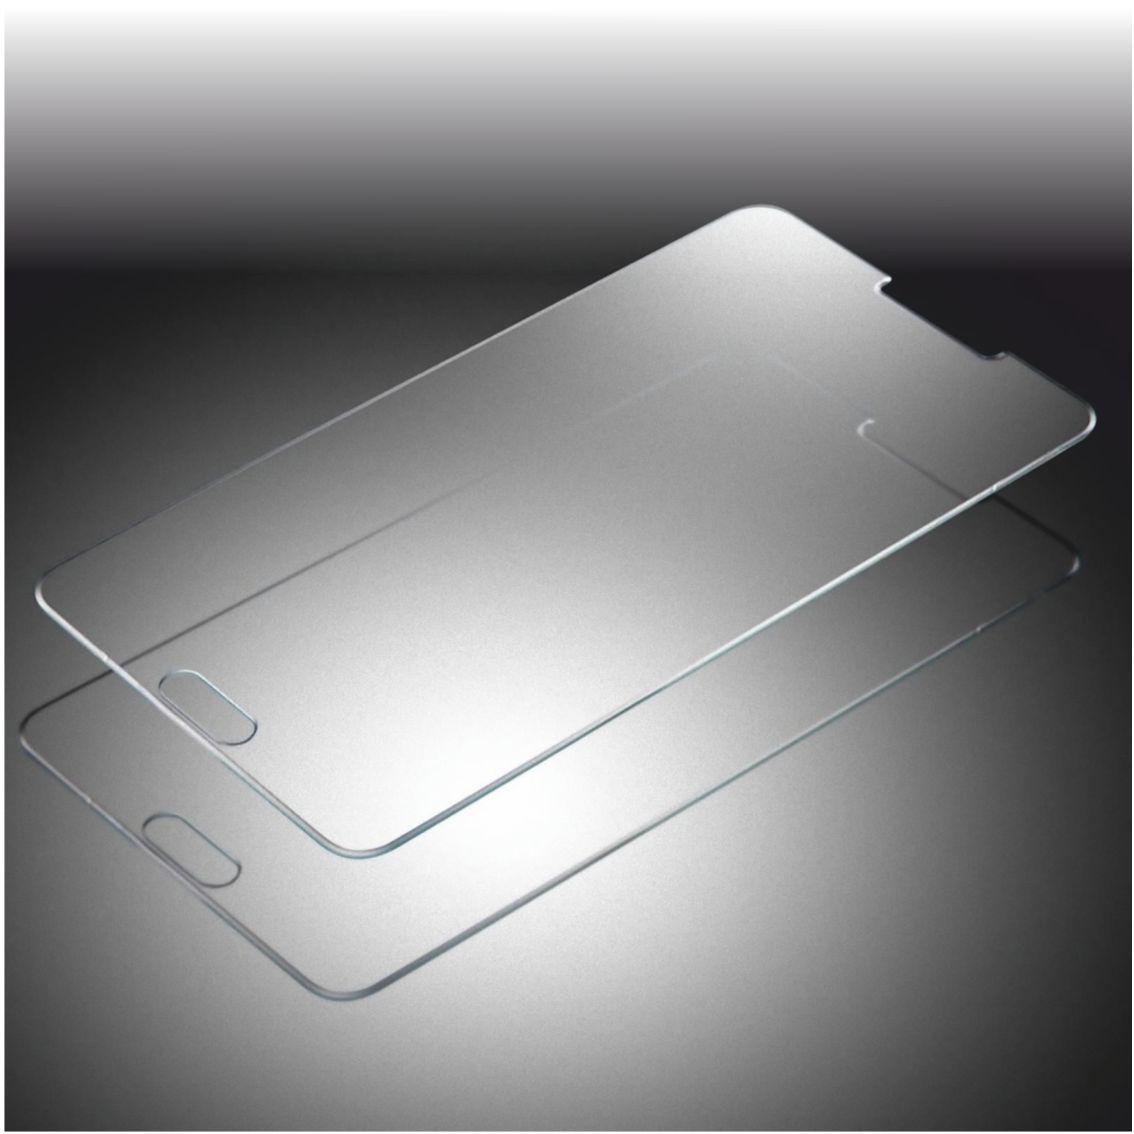 BLACKVIEW Protection Film για Zeta Smartphone - BLACKVIEW 6291